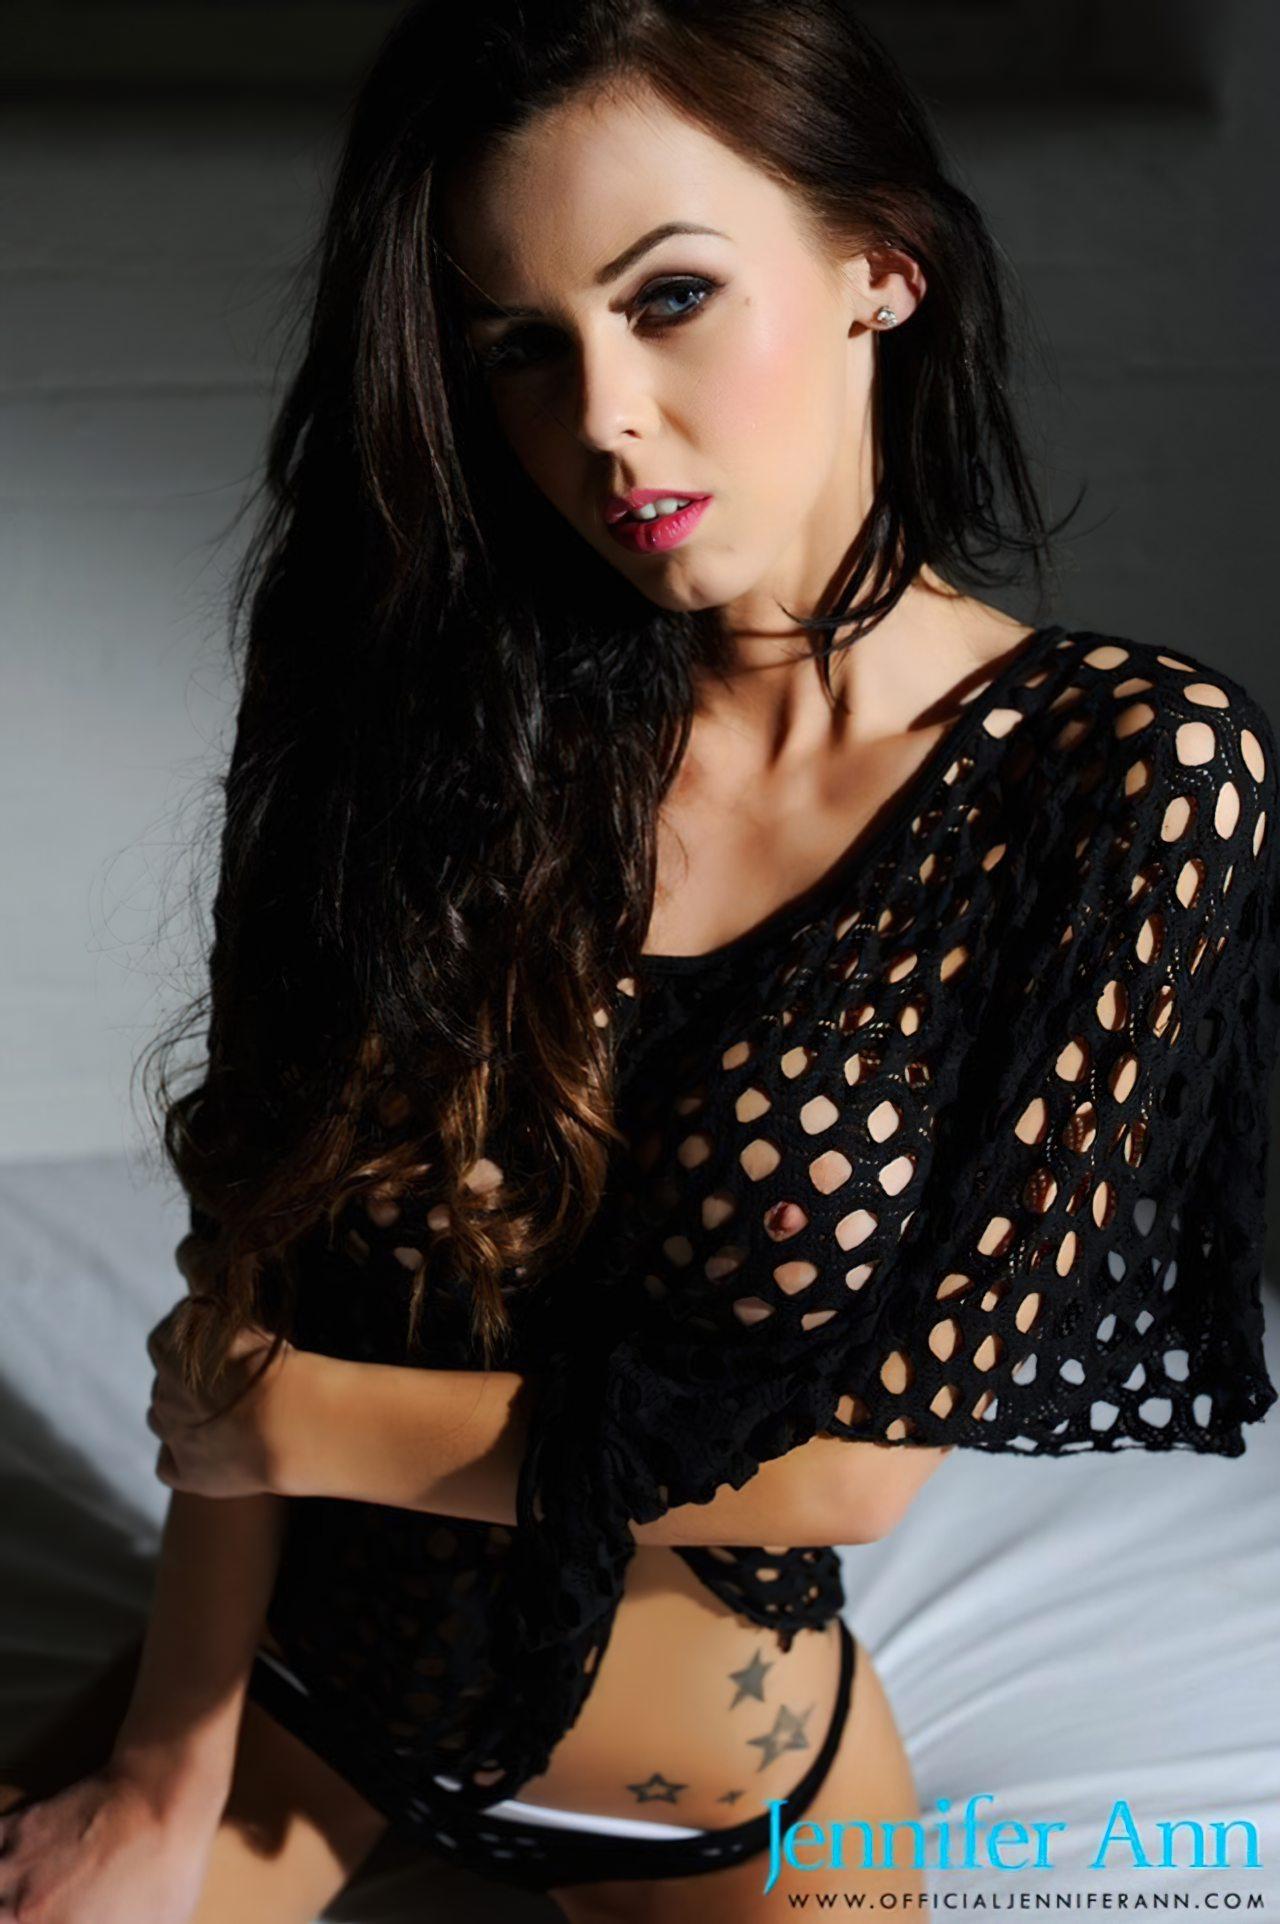 Jeniffer Ann (27)